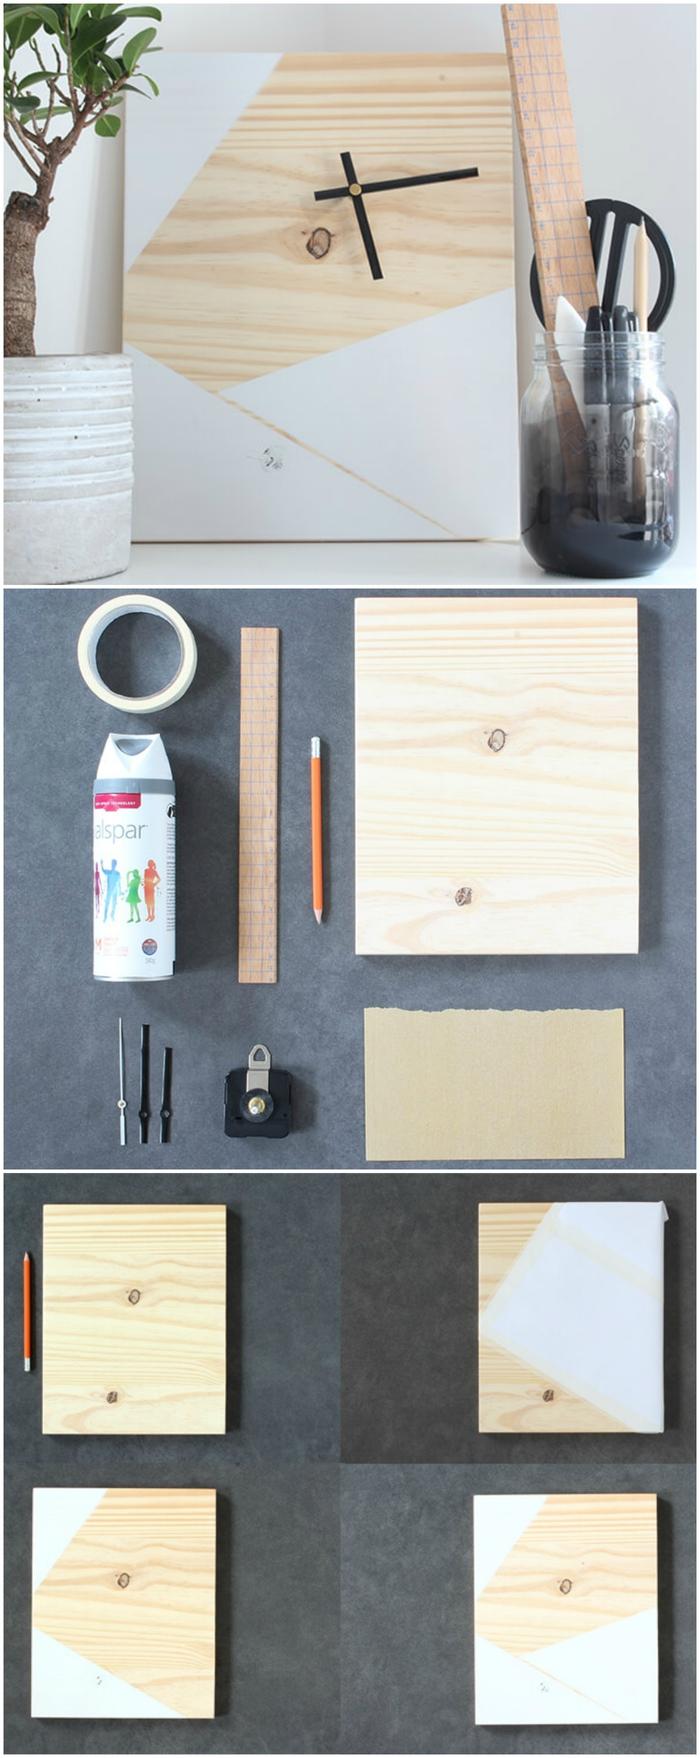 une idée cadeau homme pour ceux qui apprécient la jolie déco, comment réaliser un horloge en bois à motifs géométriques en peinture